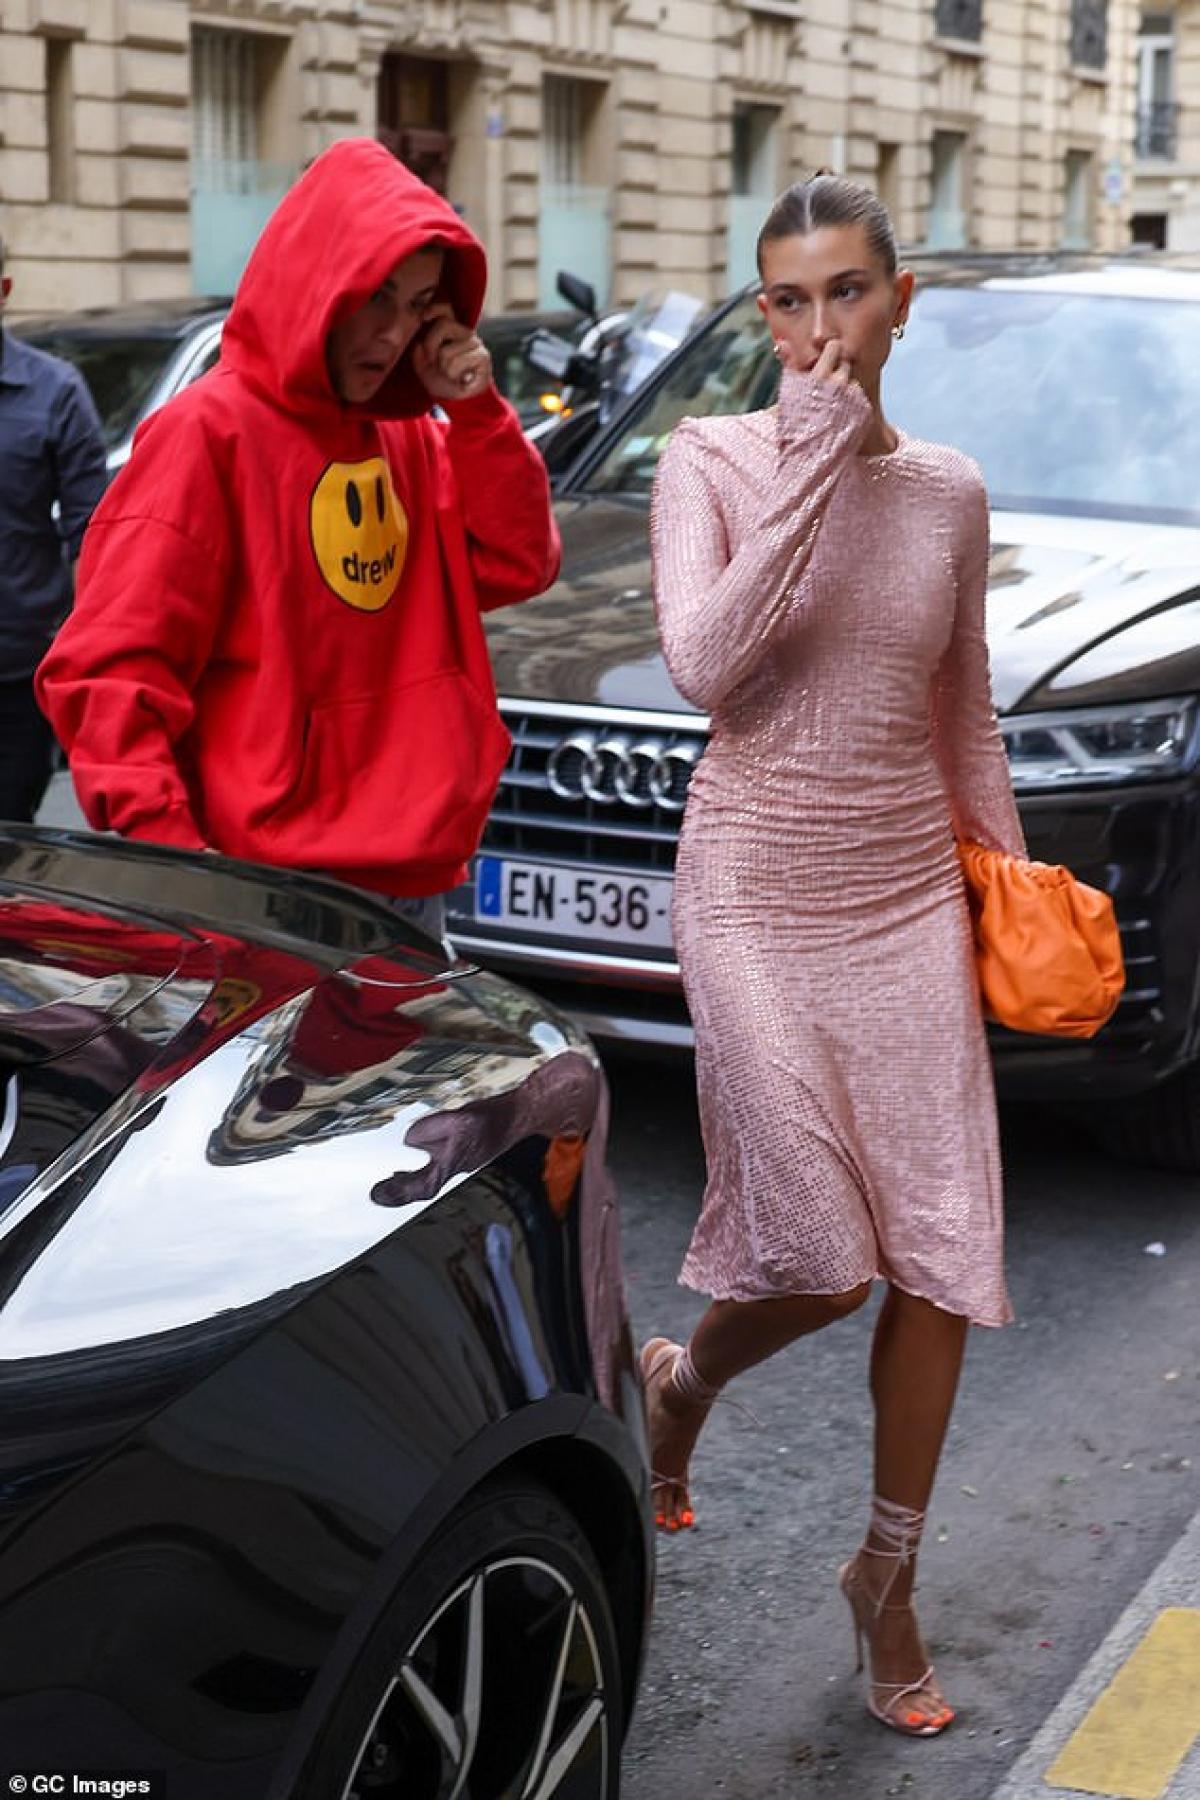 Còn Justin Bieber diện áo hoodie màu đỏ và quần jeans trẻ trung, khỏe khoắn.